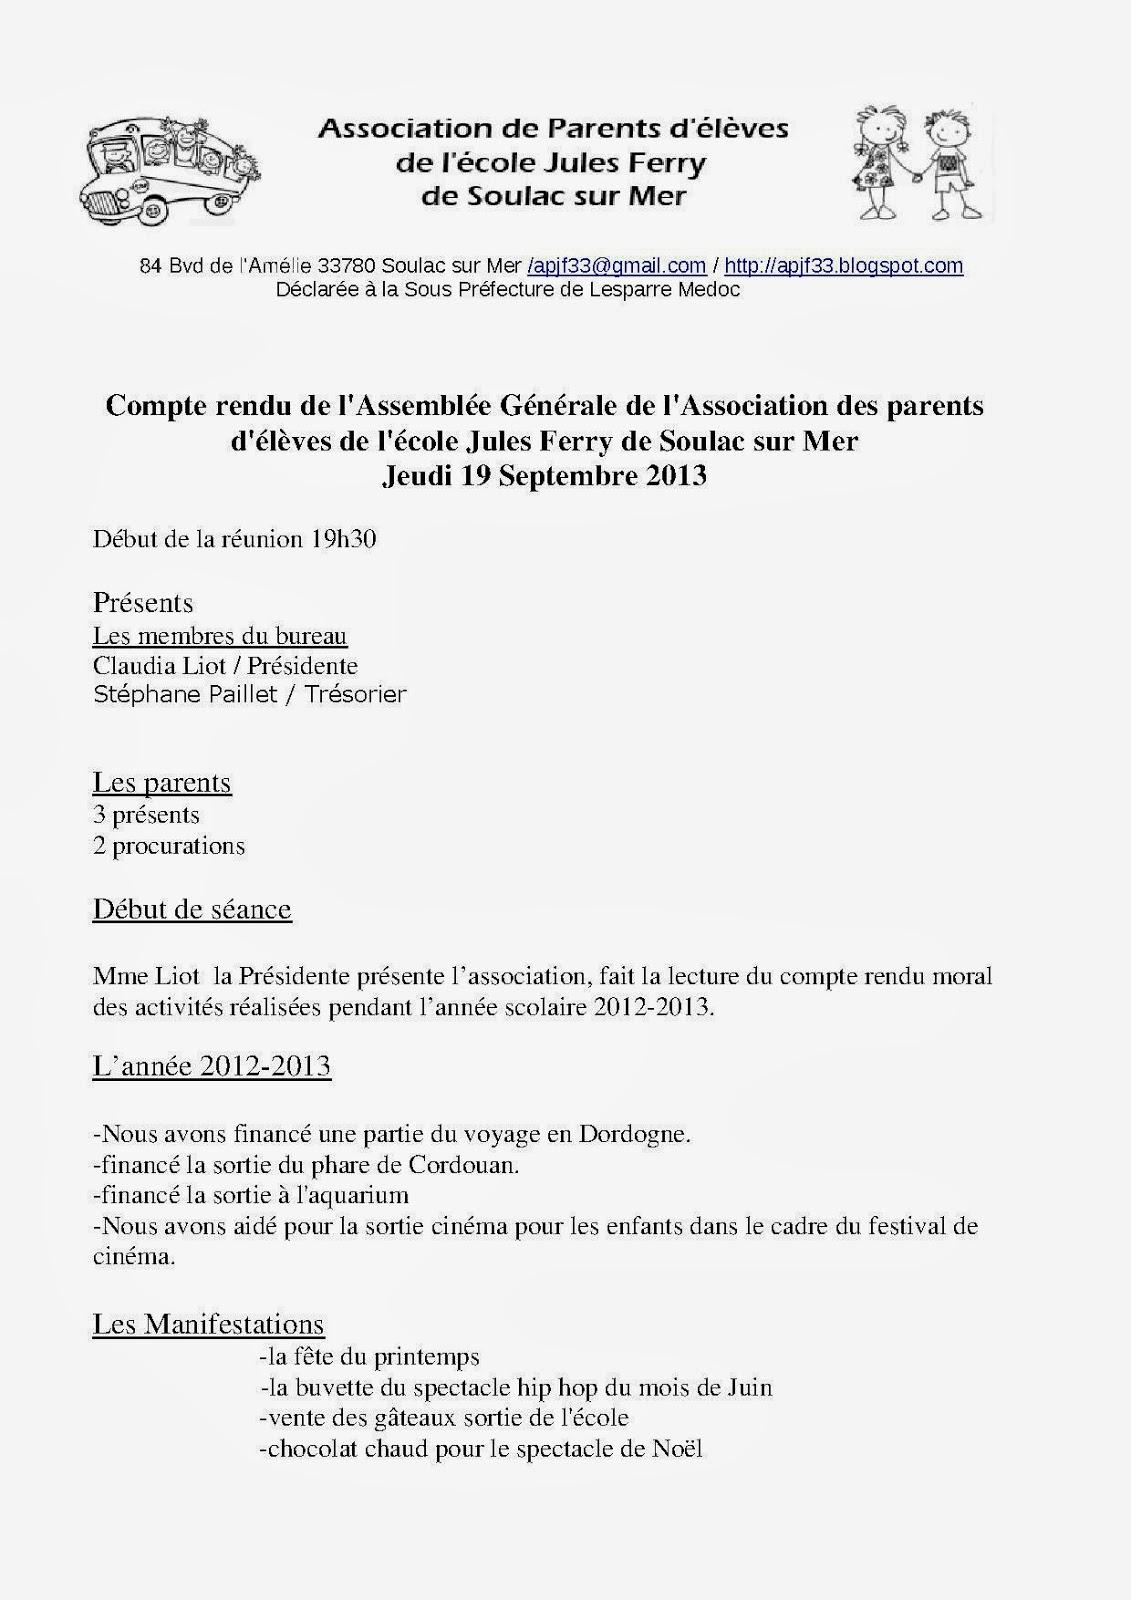 Ass parents d 39 l ves jules ferry soulac sur mer - Assemblee generale association renouvellement bureau ...